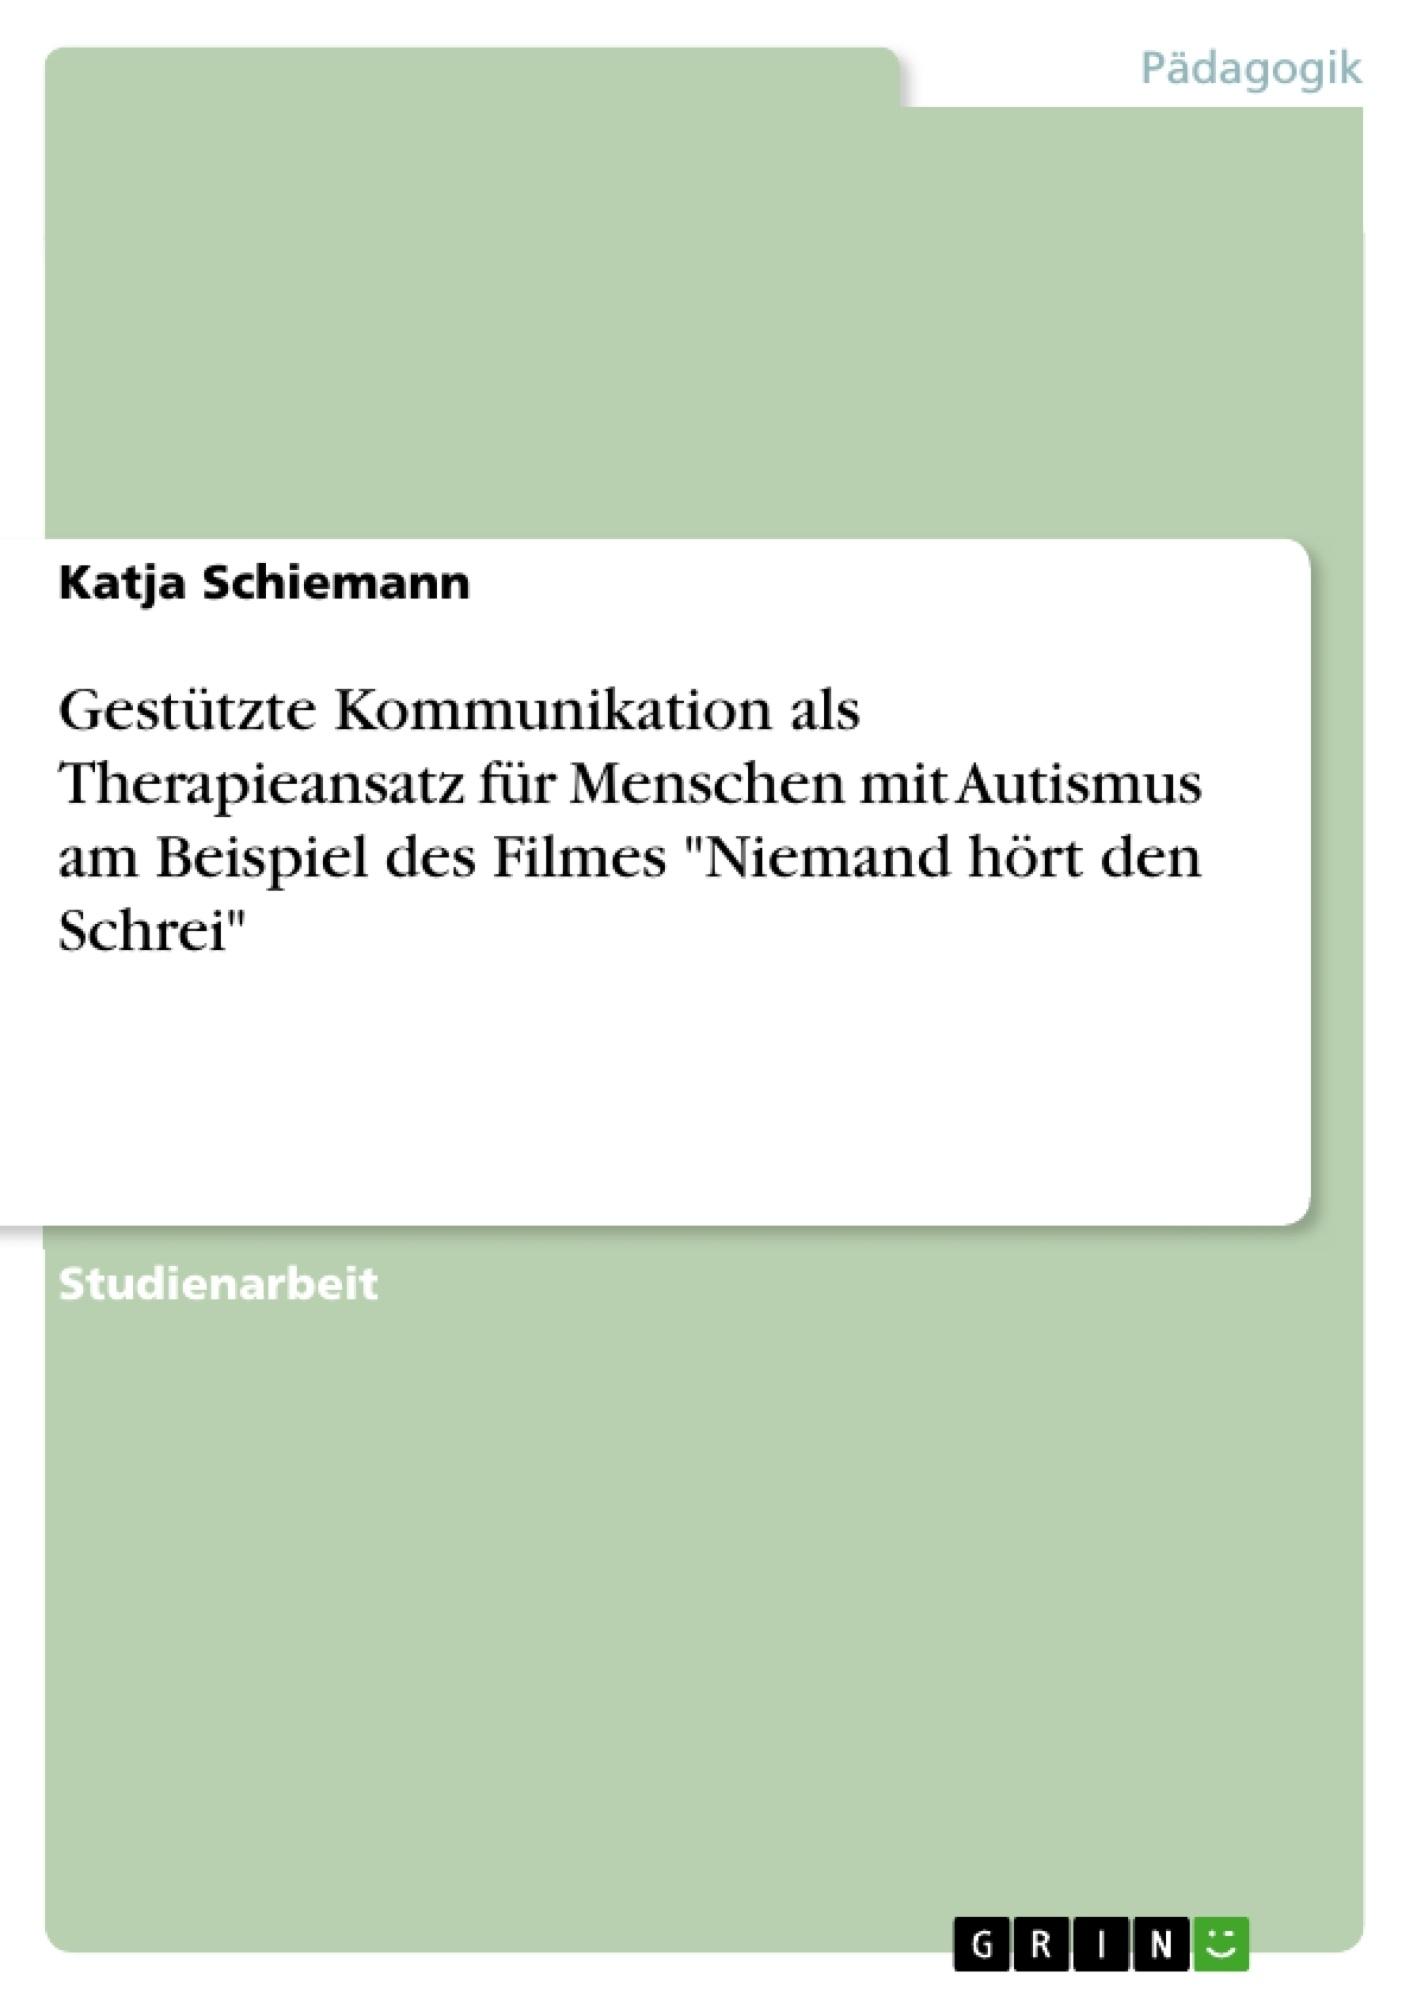 """Titel: Gestützte Kommunikation als Therapieansatz für Menschen mit Autismus am Beispiel des Filmes """"Niemand hört den Schrei"""""""